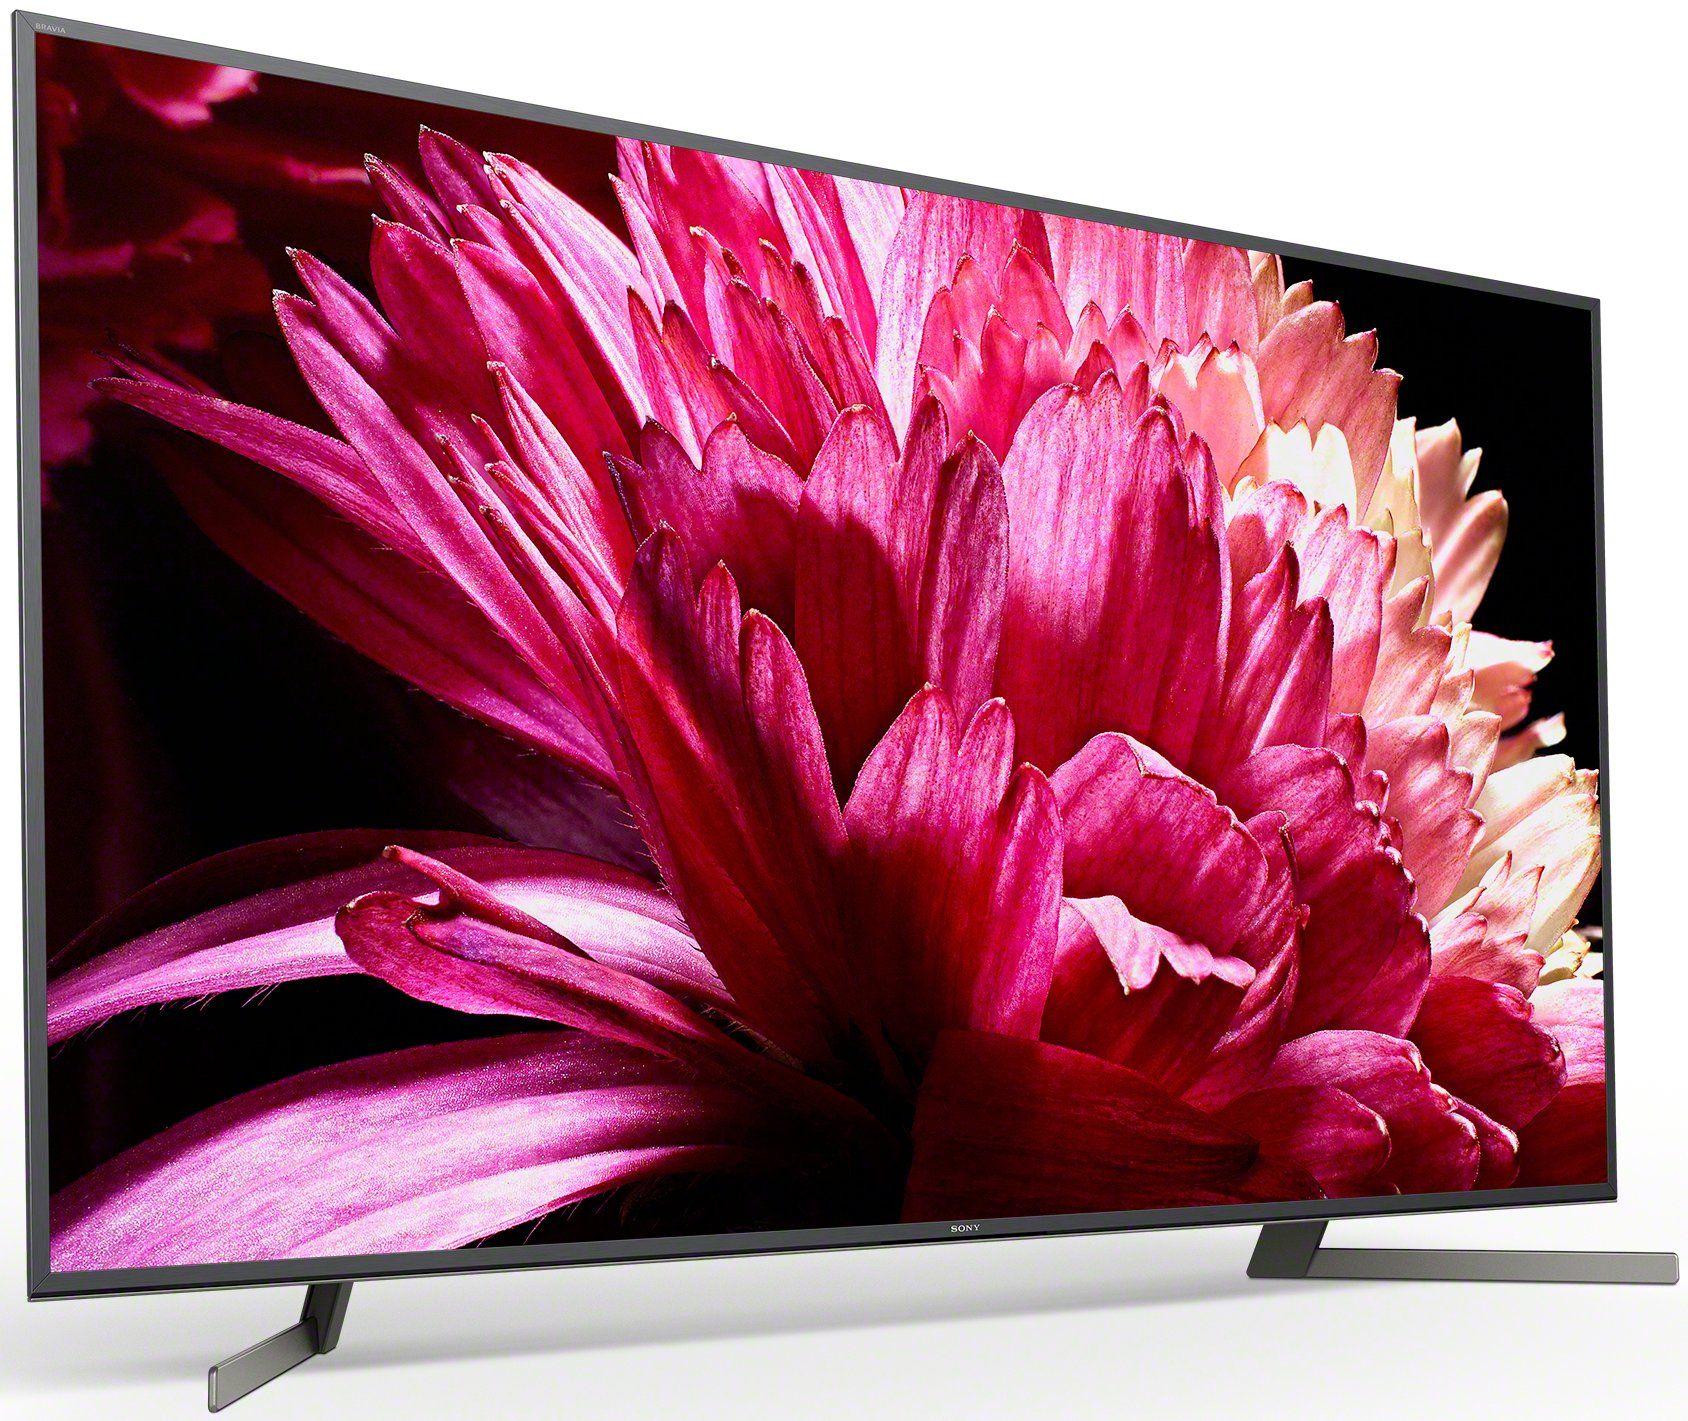 Sony Bravia X950g 85 Inch 4k Hdr Ultra Hd Smart Tv In 2020 Smart Tv Sony Xbr 4k Ultra Hd Tvs